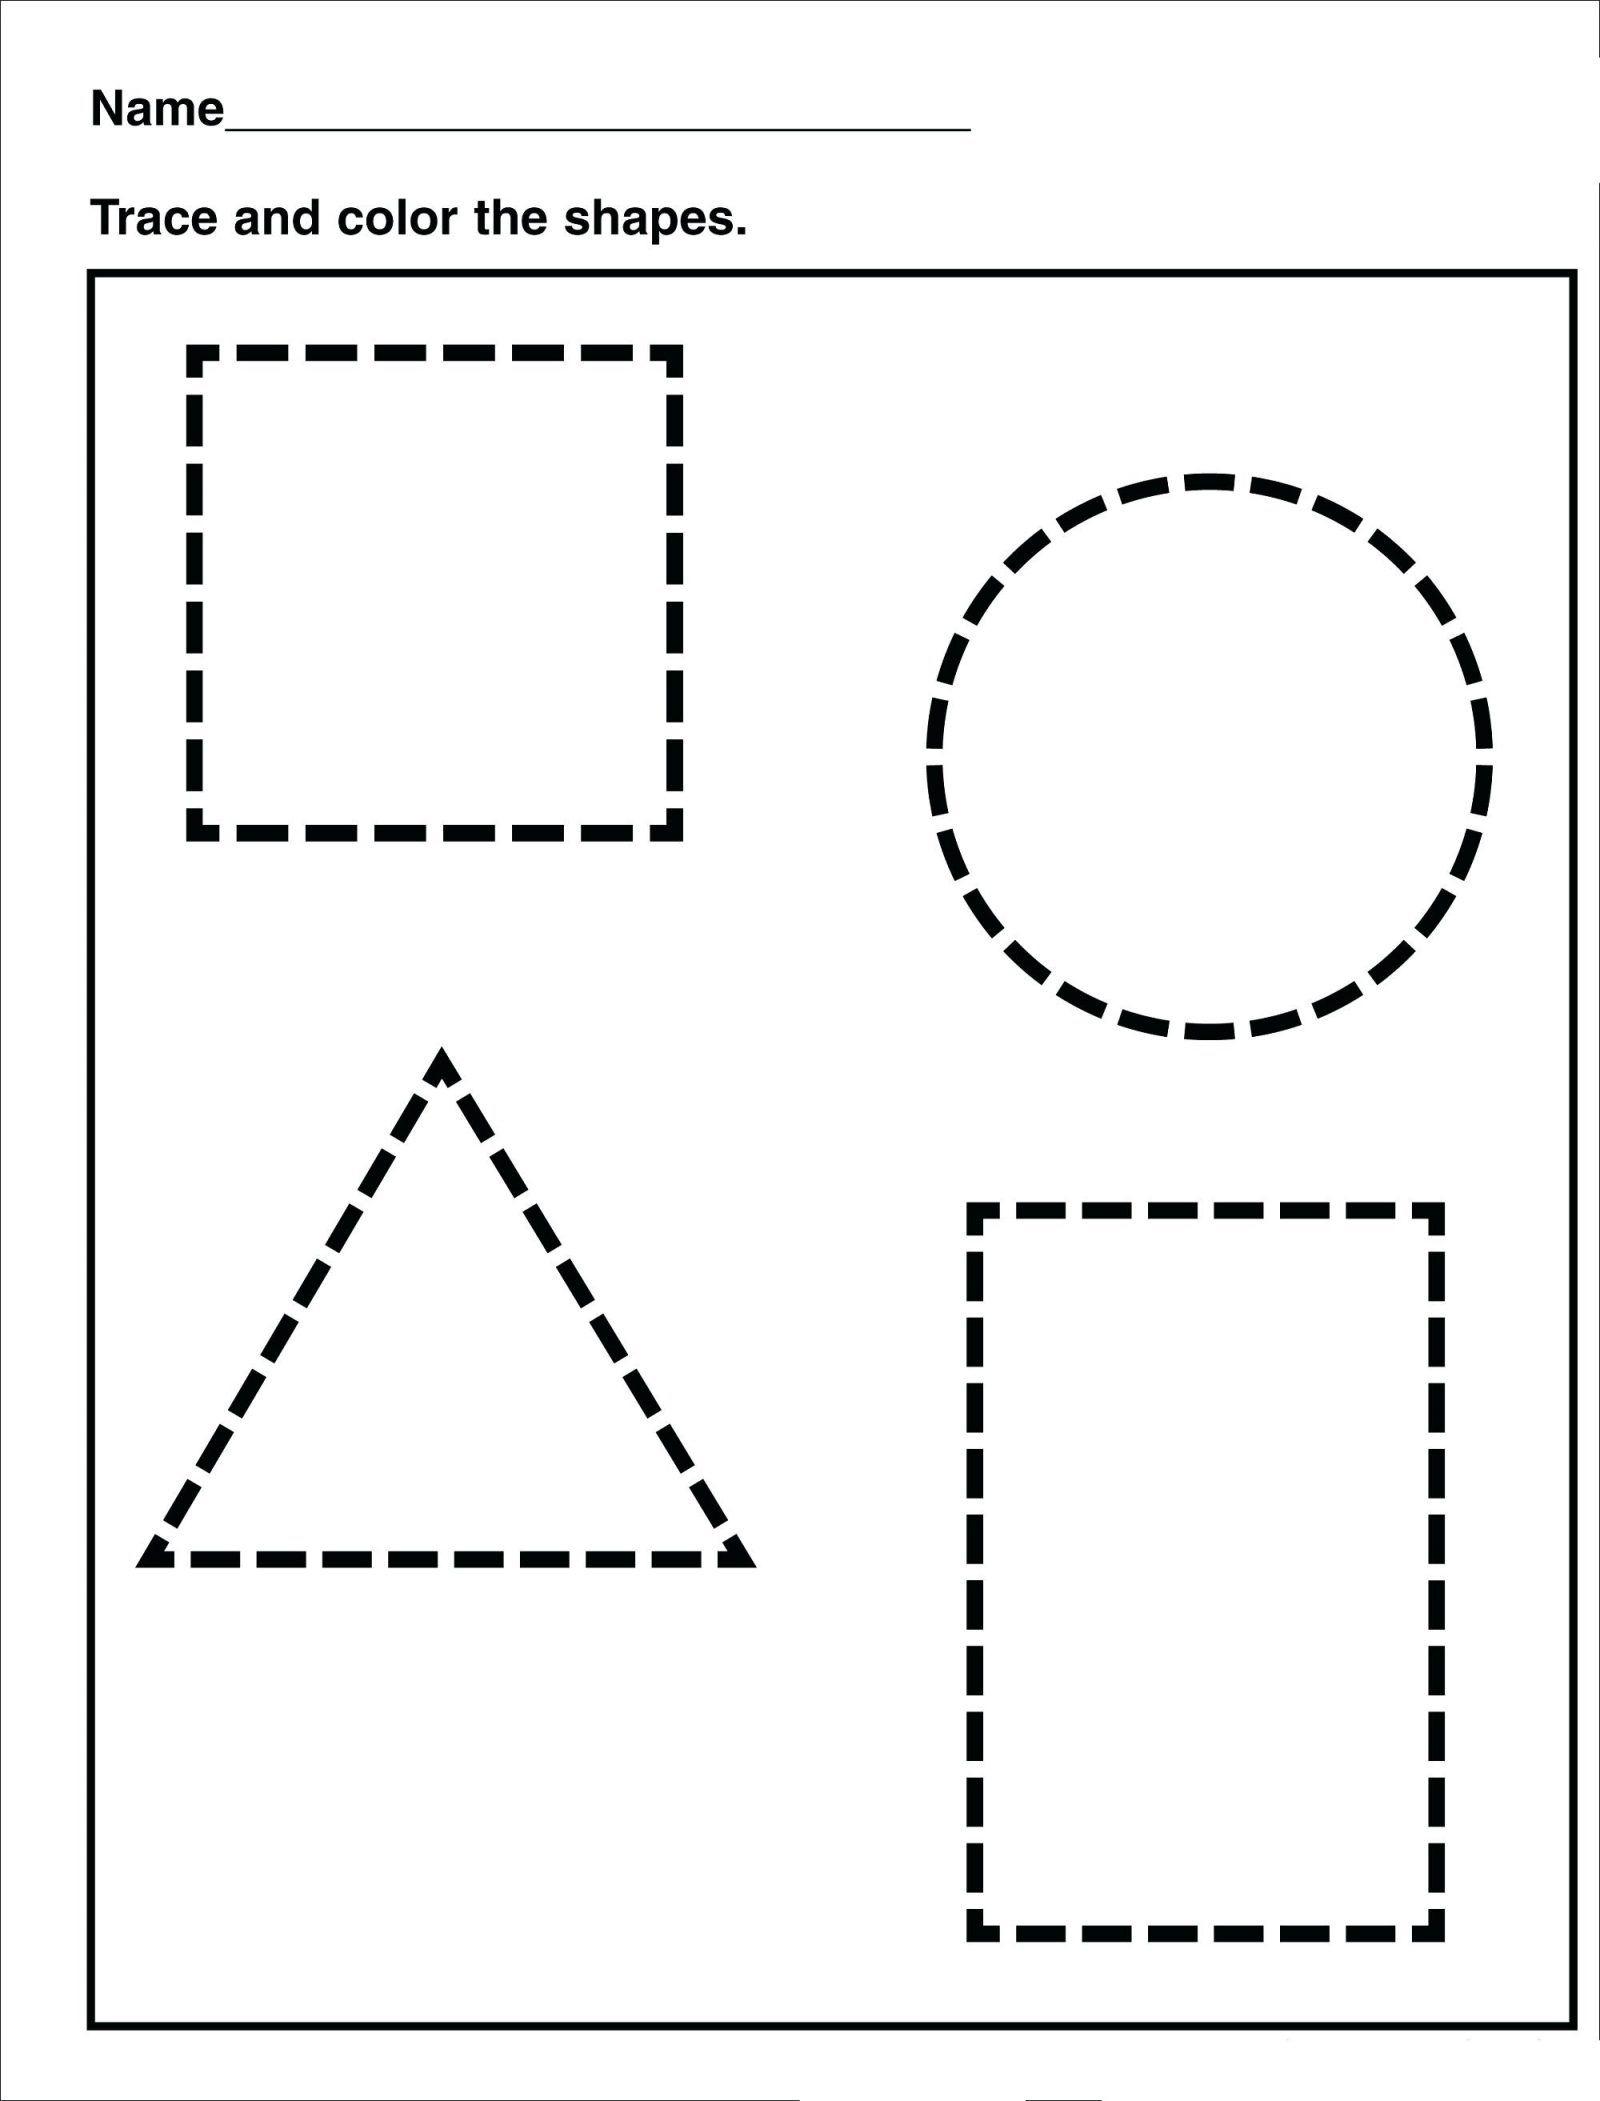 Free Printable Worksheets For Kindergarten – With Basic Math Also | Free Printable Worksheets For Kindergarten Pdf